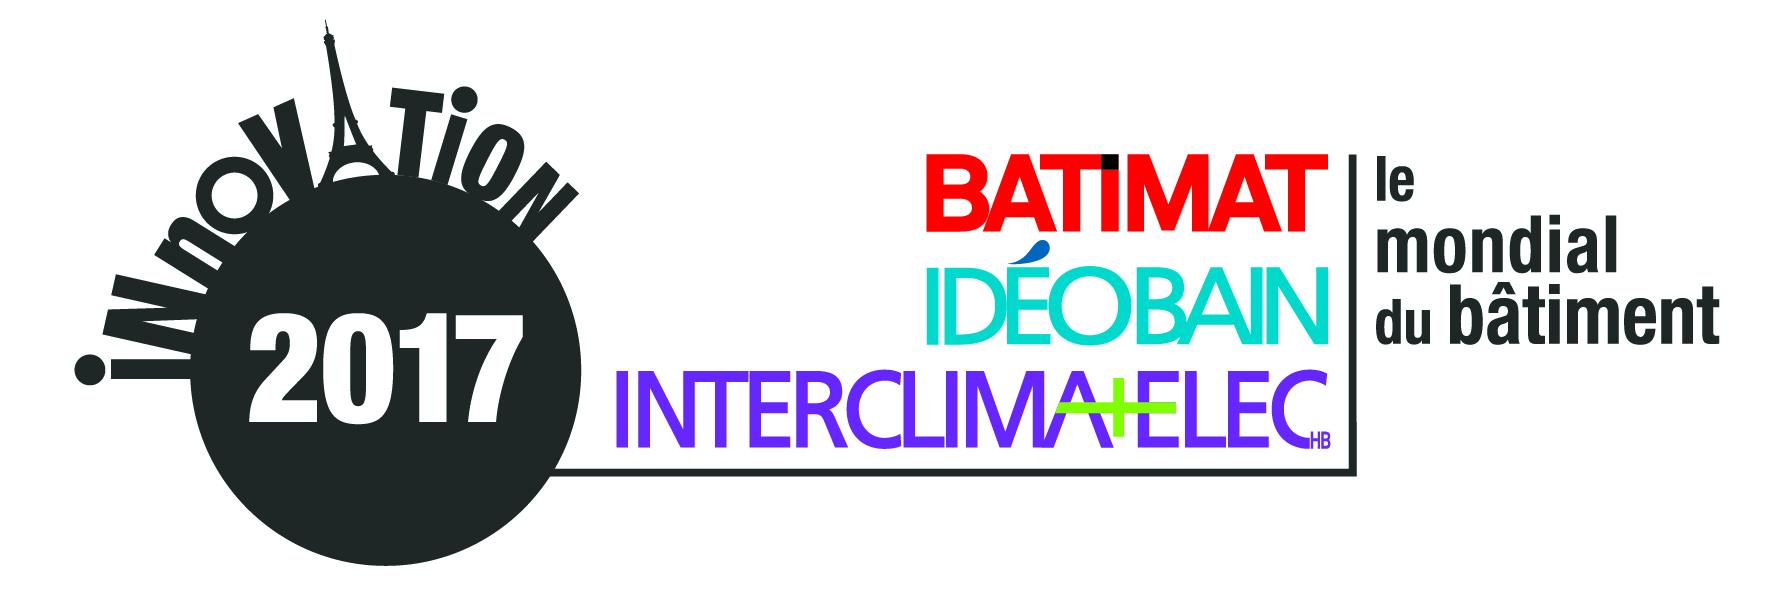 IDEOBAIN _ Mondial du Batiment _ concours innovation